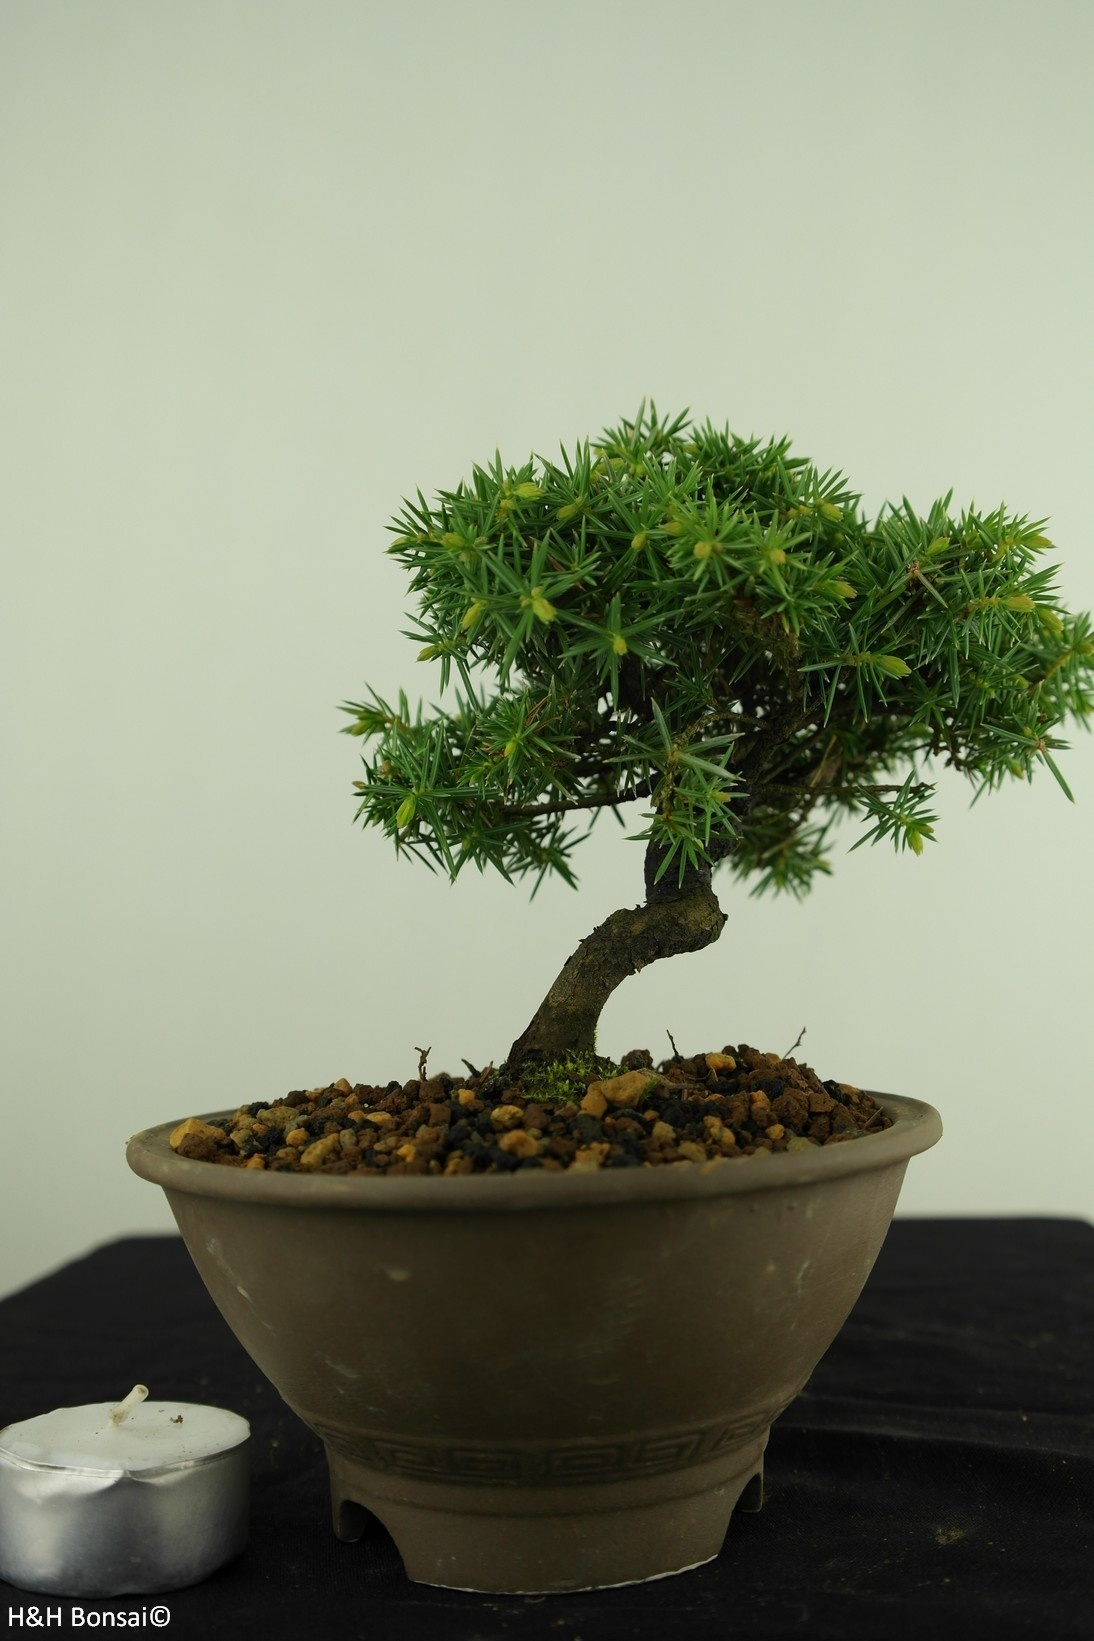 Bonsai Shohin Ginepro regida, Juniperus regida, no. 7787